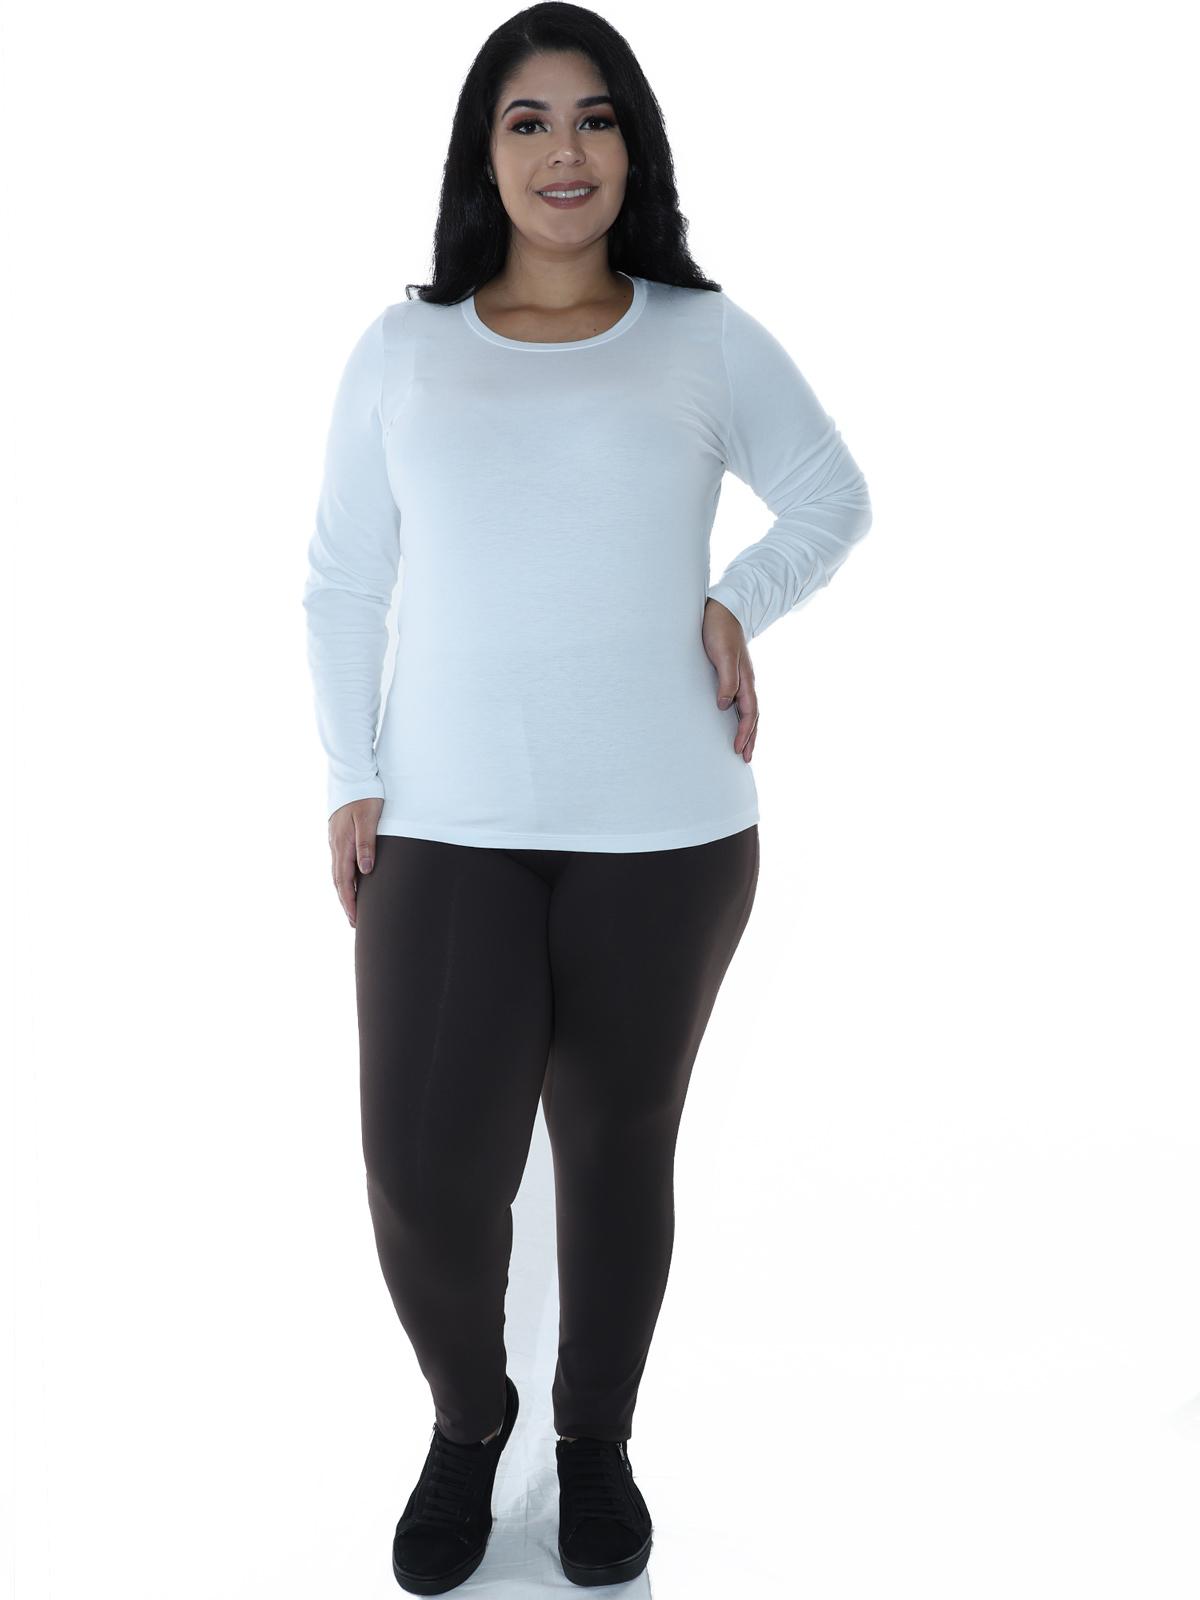 Kit 3 Calças Legging Plus Size AZUL MARINHO, MARROM, MESCLA